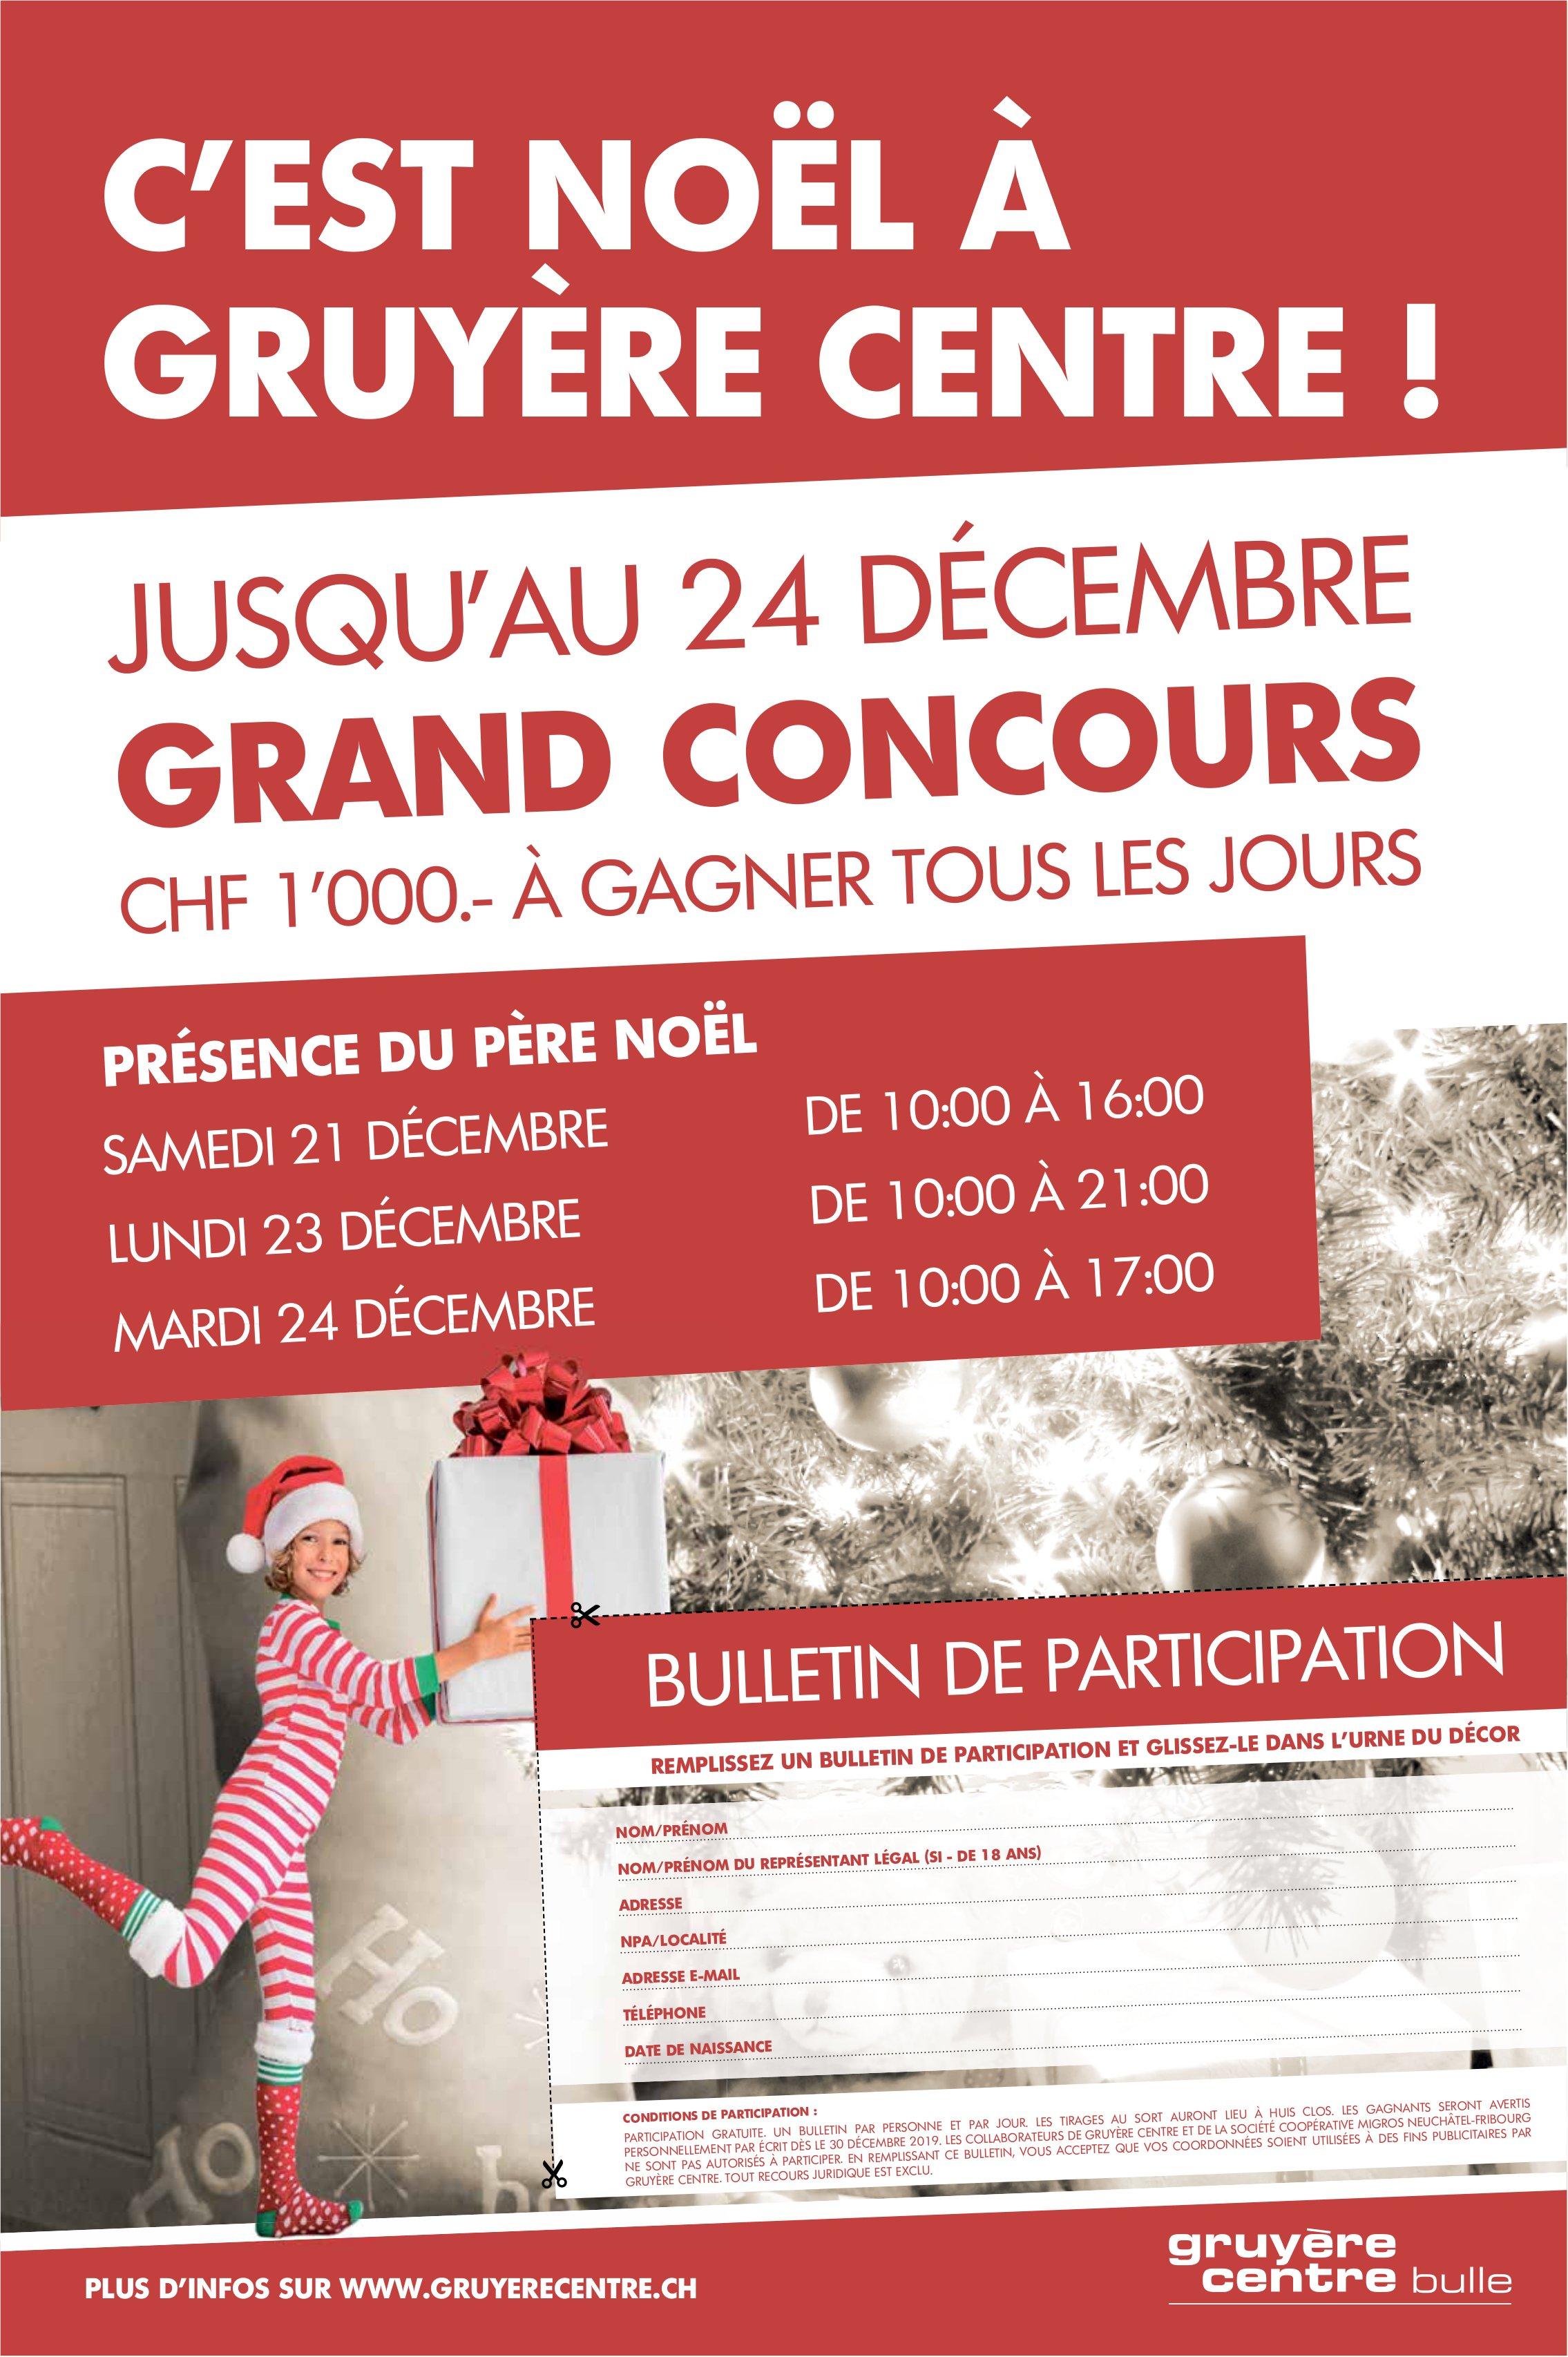 GRUYÈRE CENTRE, BULLE, JUSQU'AU 24 DÉCEMBRE GRAND CONCOURS CHF 1'000.- À GAGNER